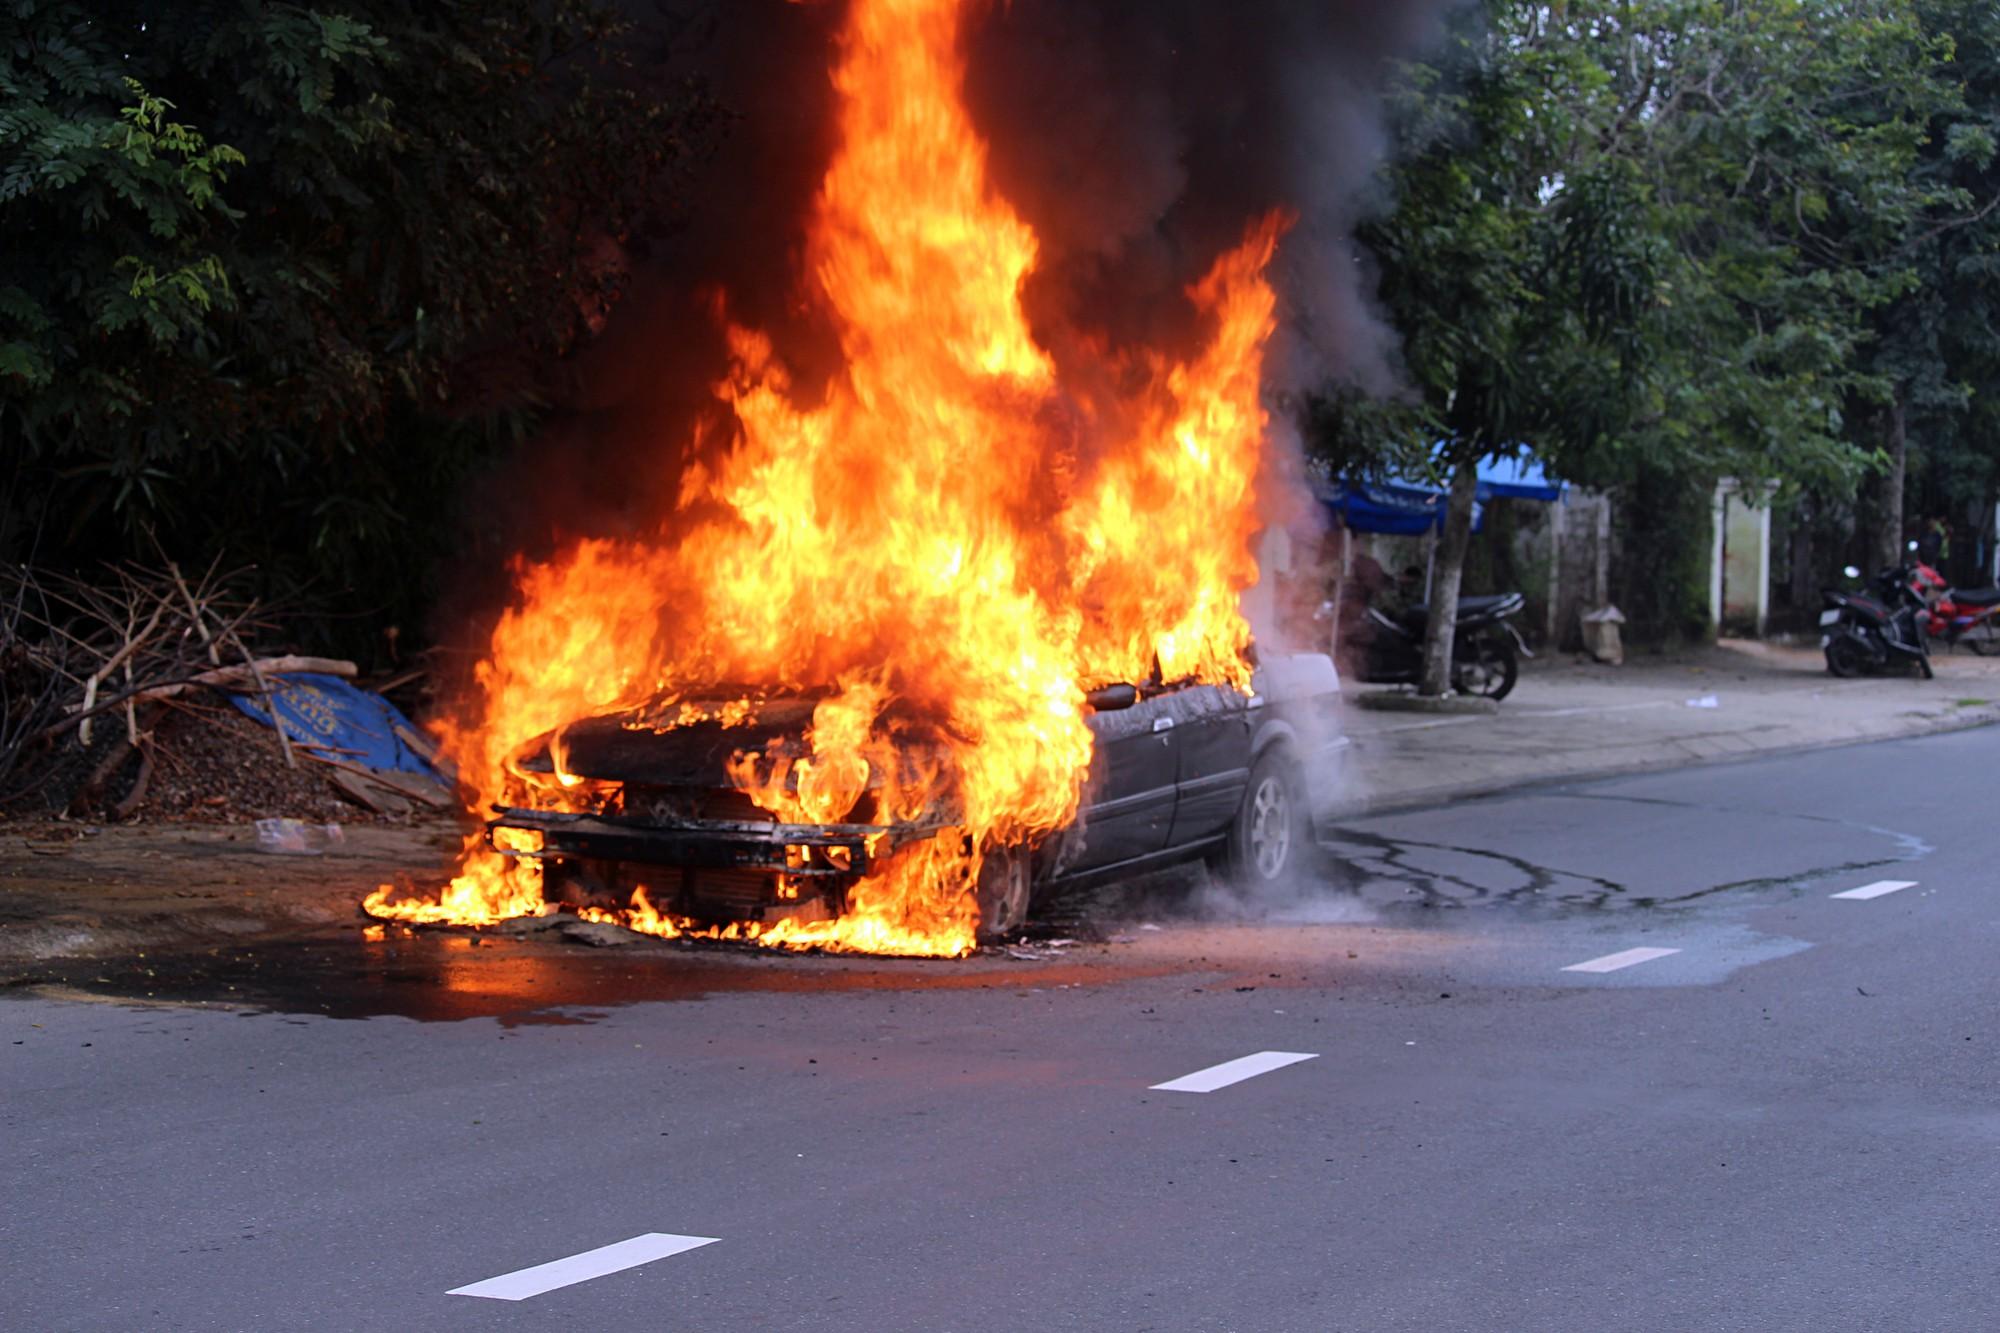 Ô tô 4 chỗ bốc cháy ngùn ngụt giữa đường phố Đà Nẵng, nhiều người tháo chạy - Ảnh 2.